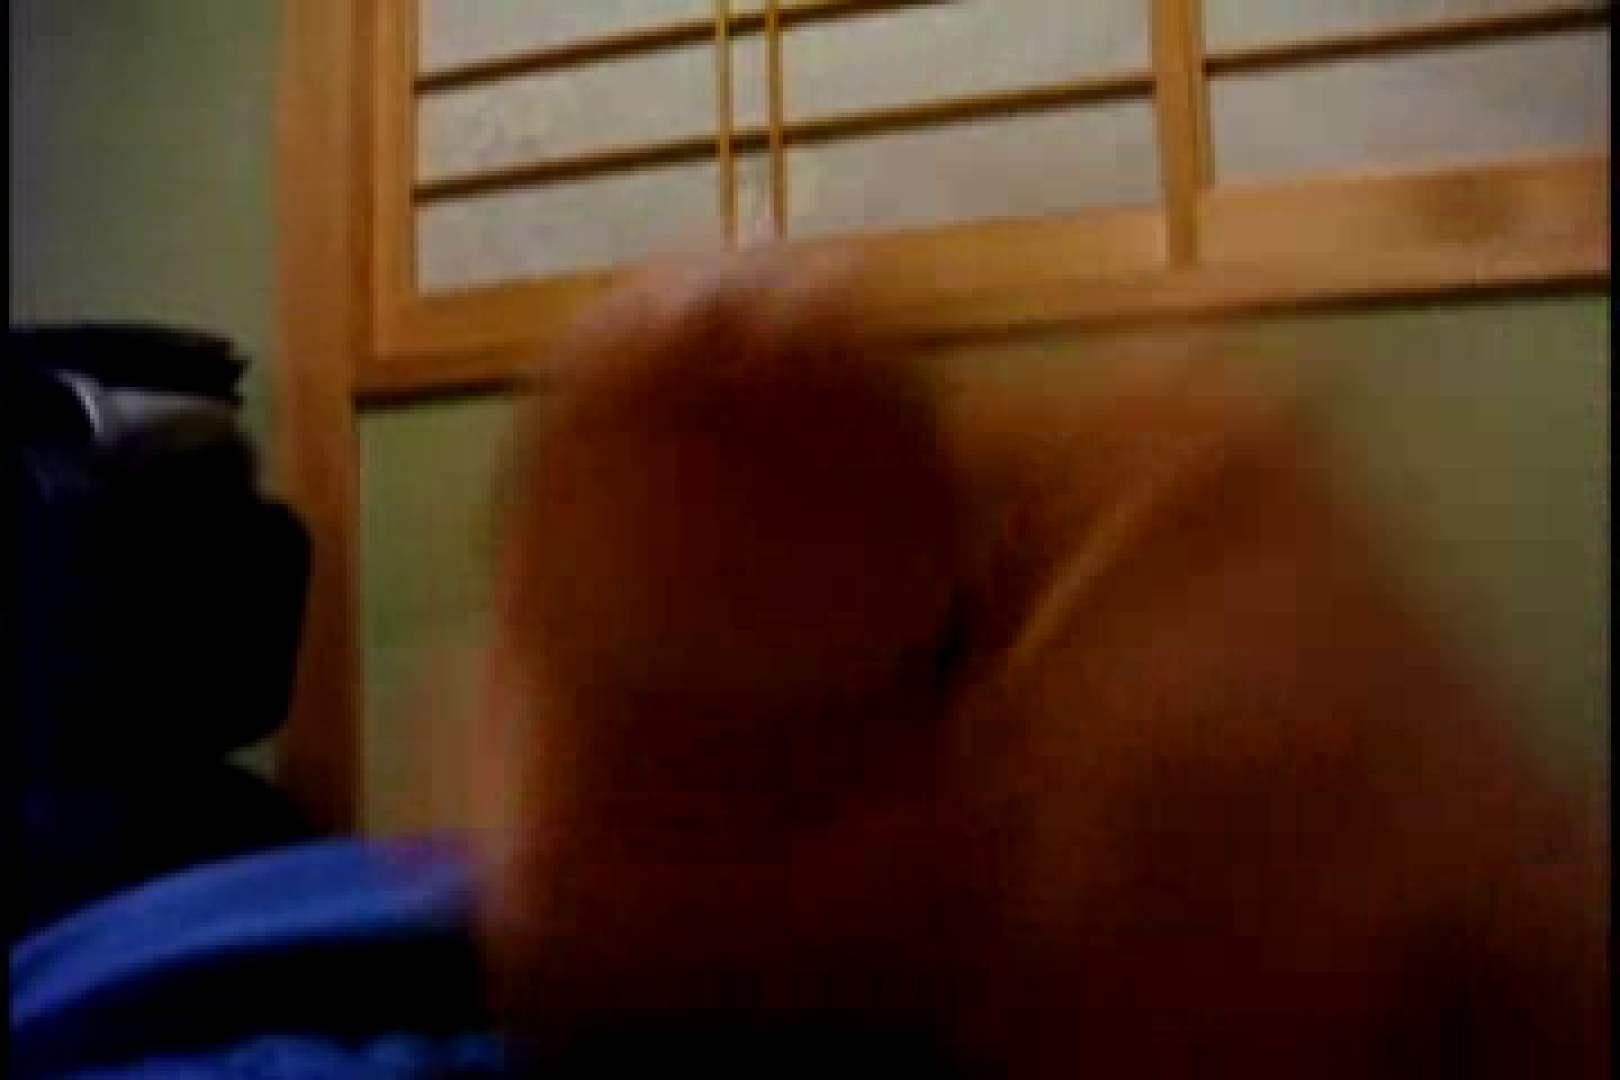 オナ好きノンケテニス部員の自画撮り投稿vol.02 流出  104pic 56